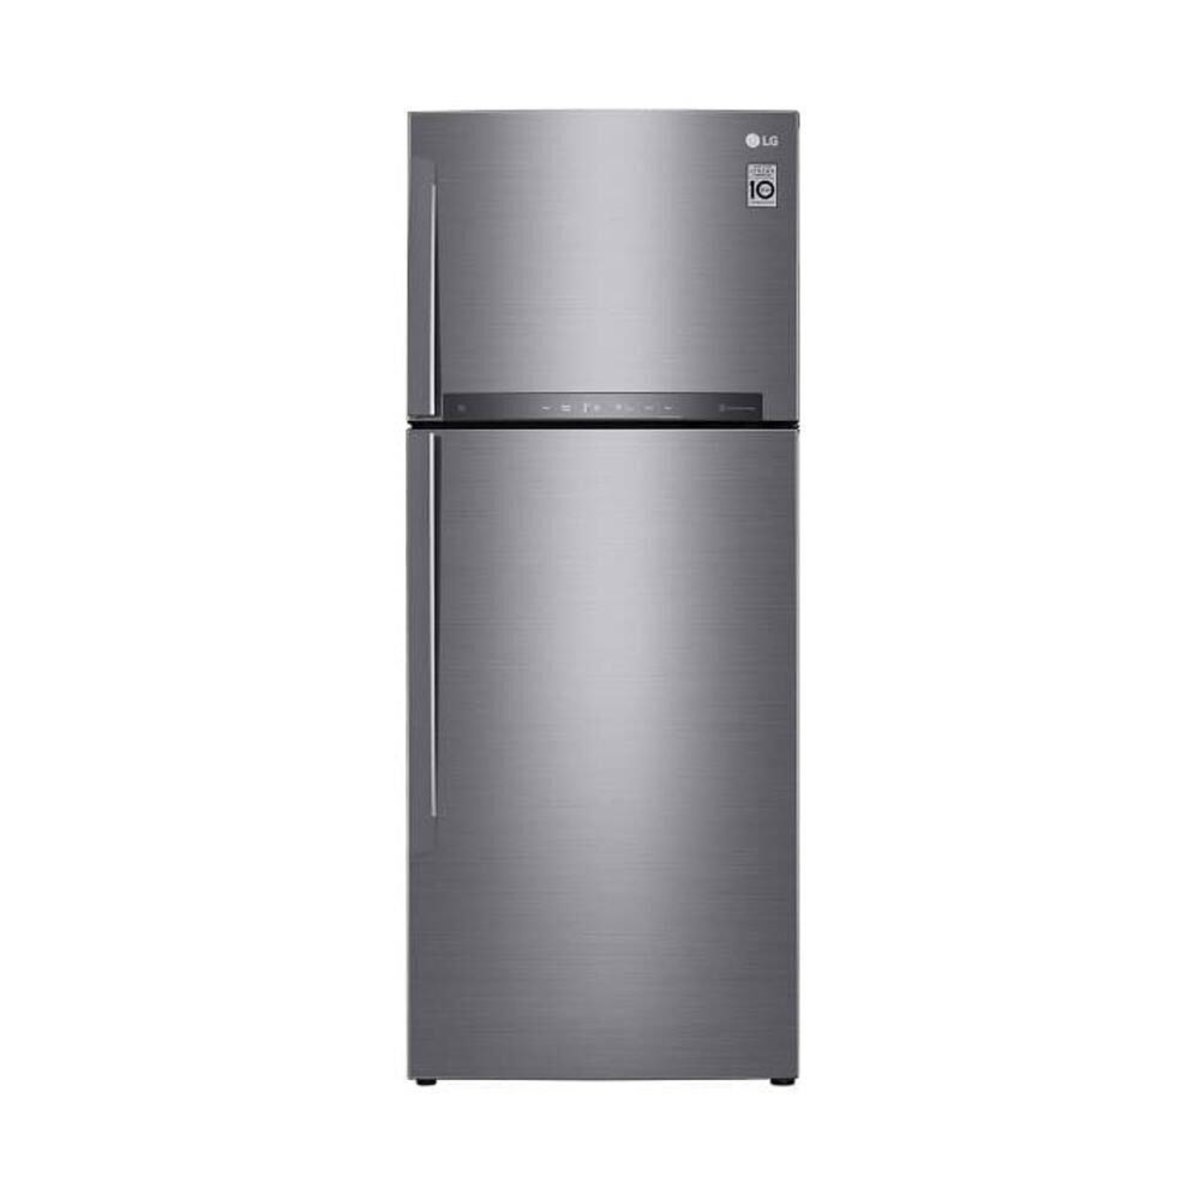 Geladeira/refrigerador 438 Litros 2 Portas Inox Smart Top - LG - 220v - Gt44bpp1